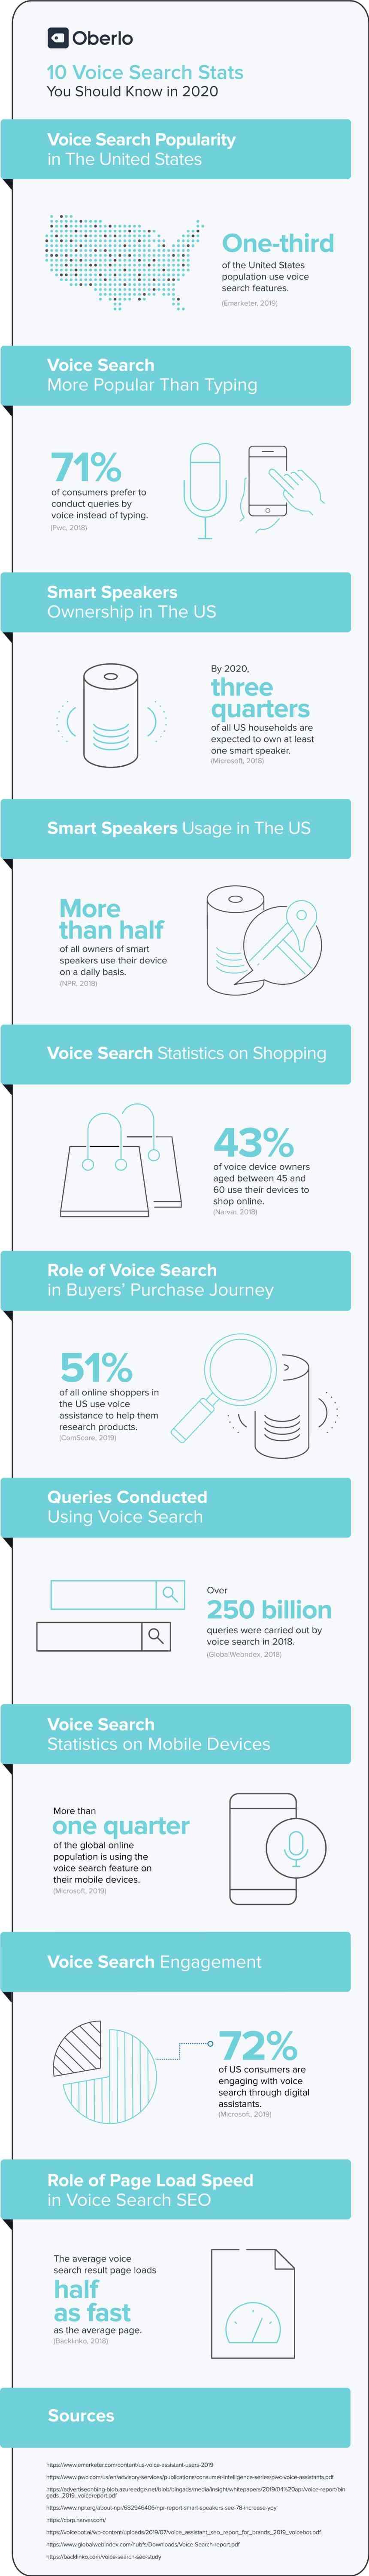 10 Estadísticas sobre búsquedas por voz